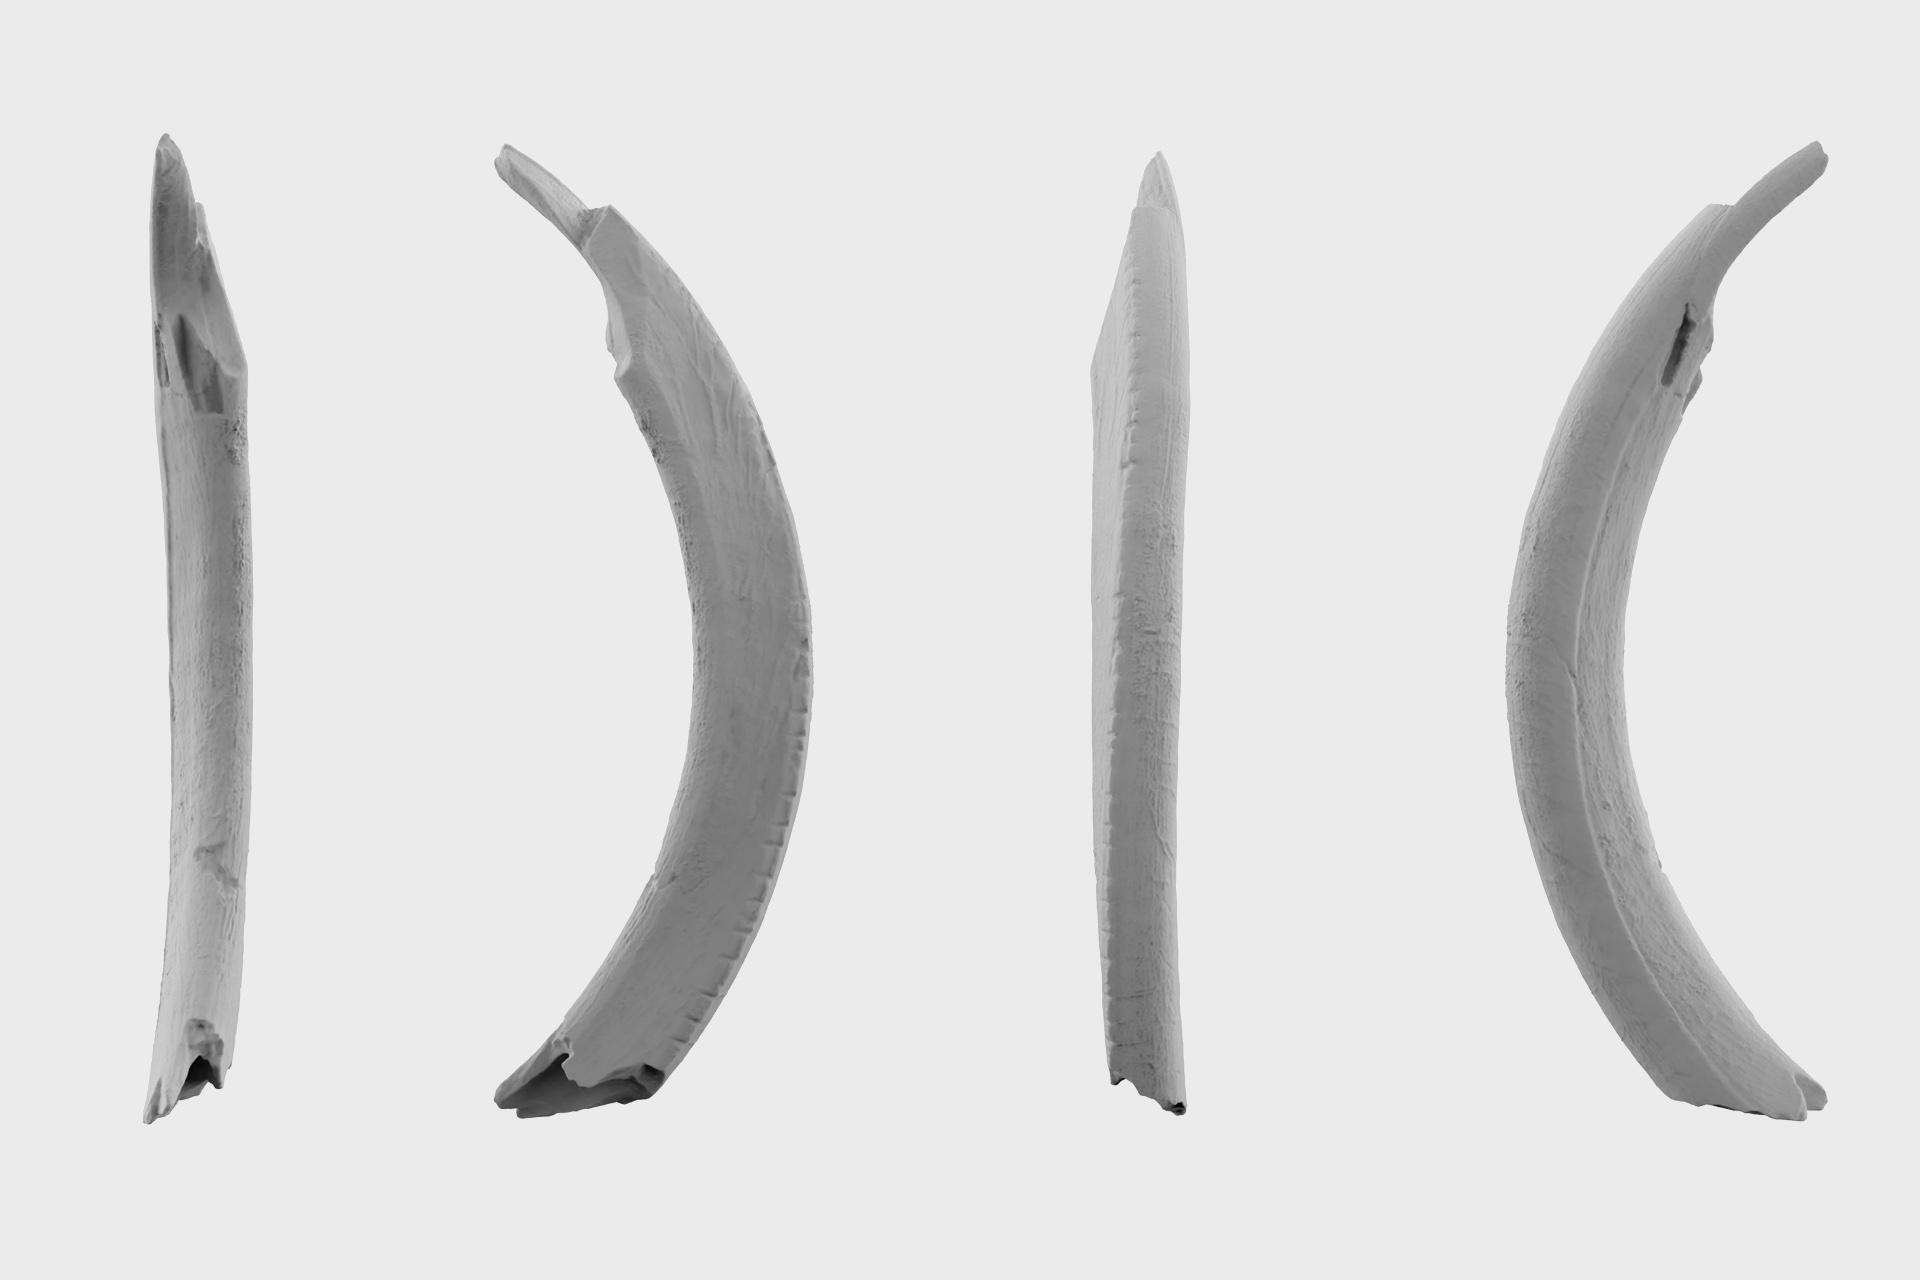 Орнаментированный зуб суслика